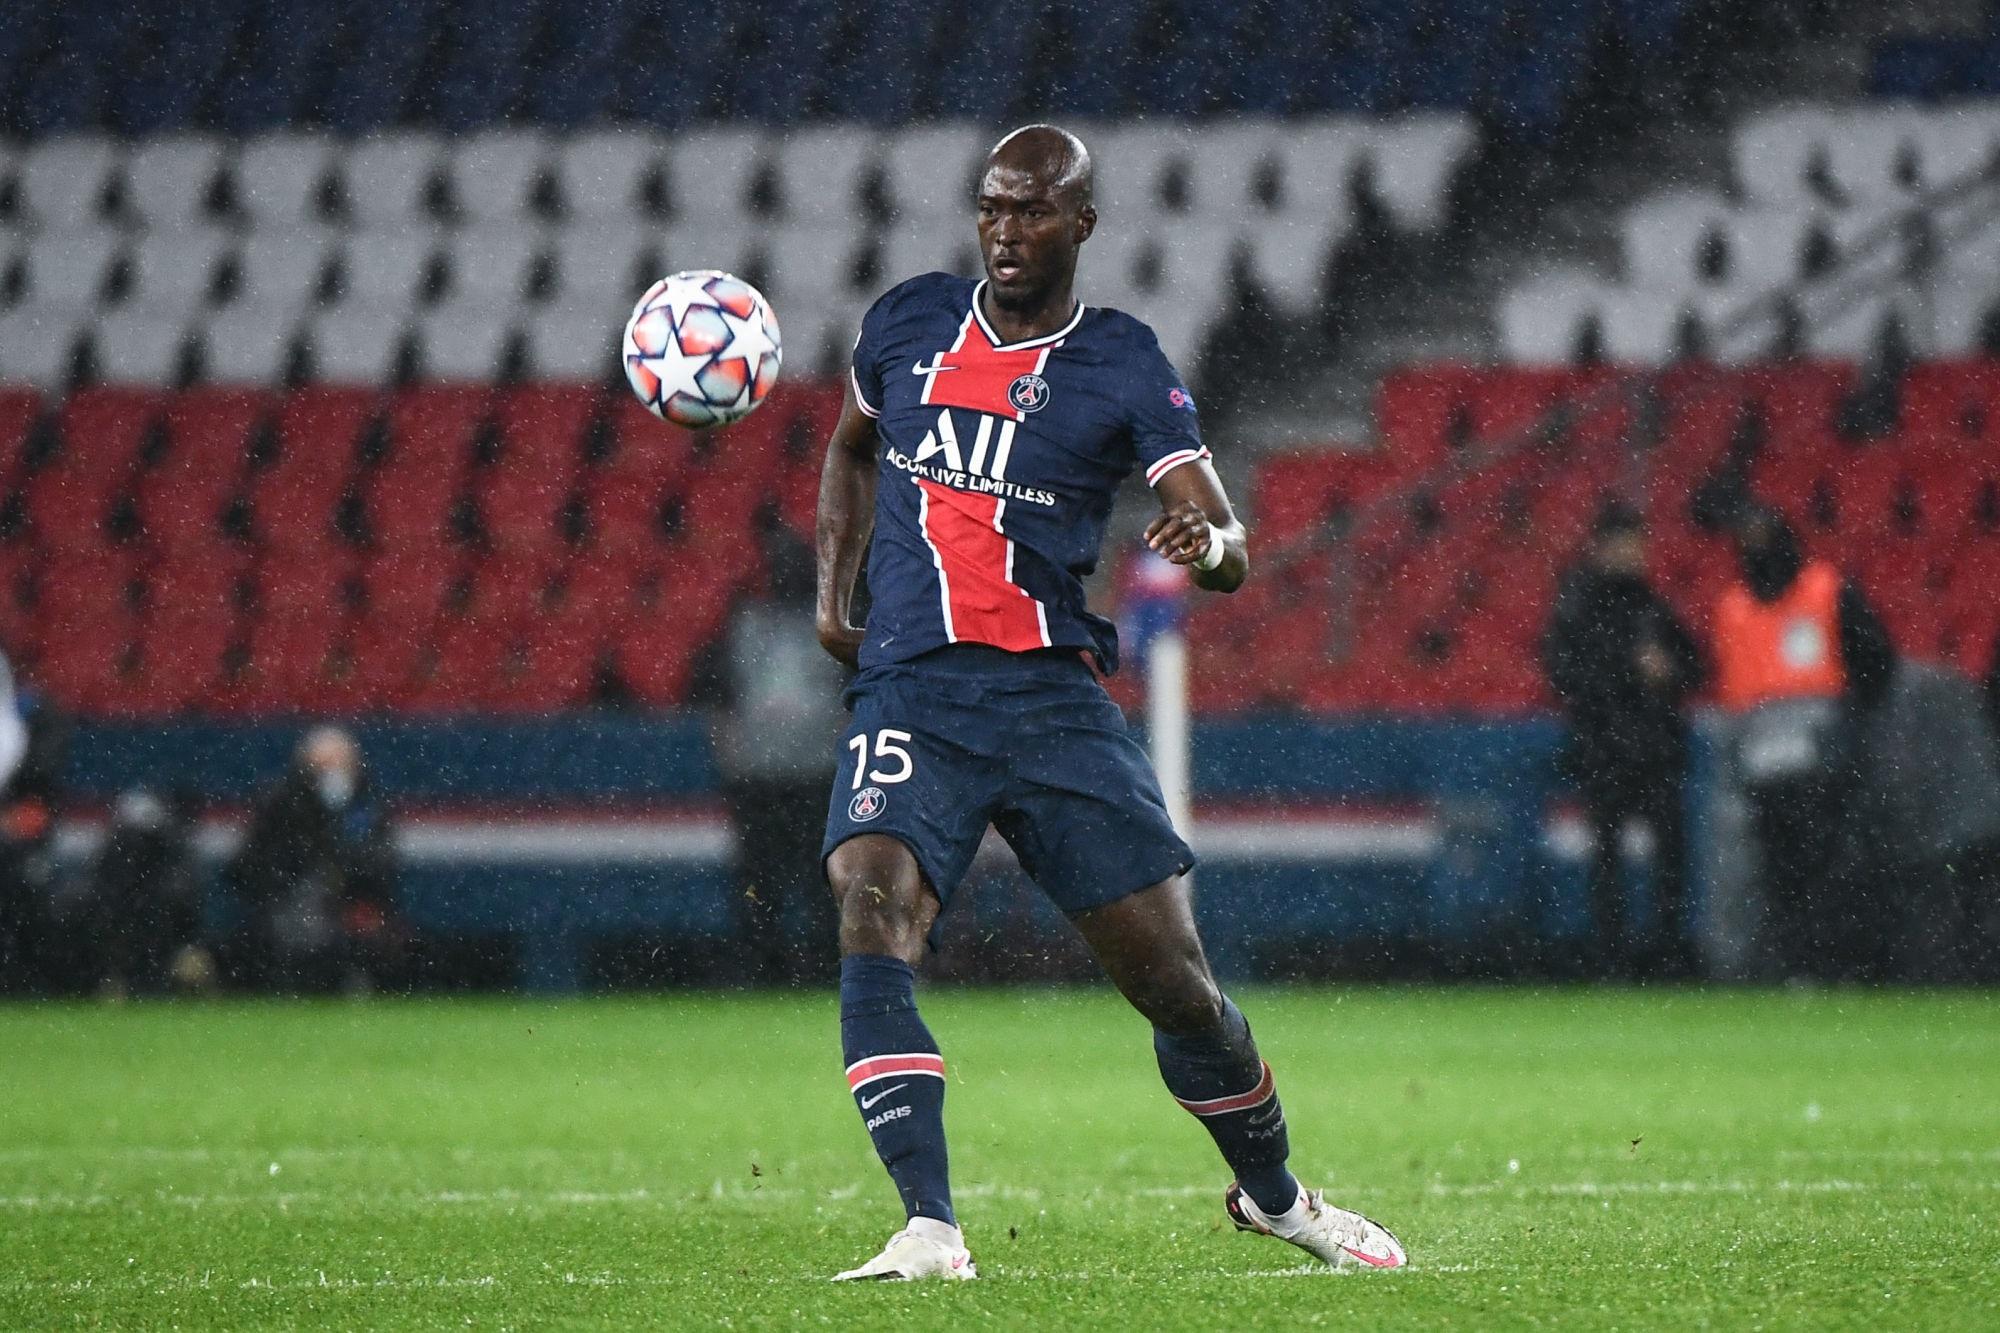 """Danilo Pereira déçu par la défaite face à Manchester mais """"heureux"""" d'avoir joué avec le PSG"""